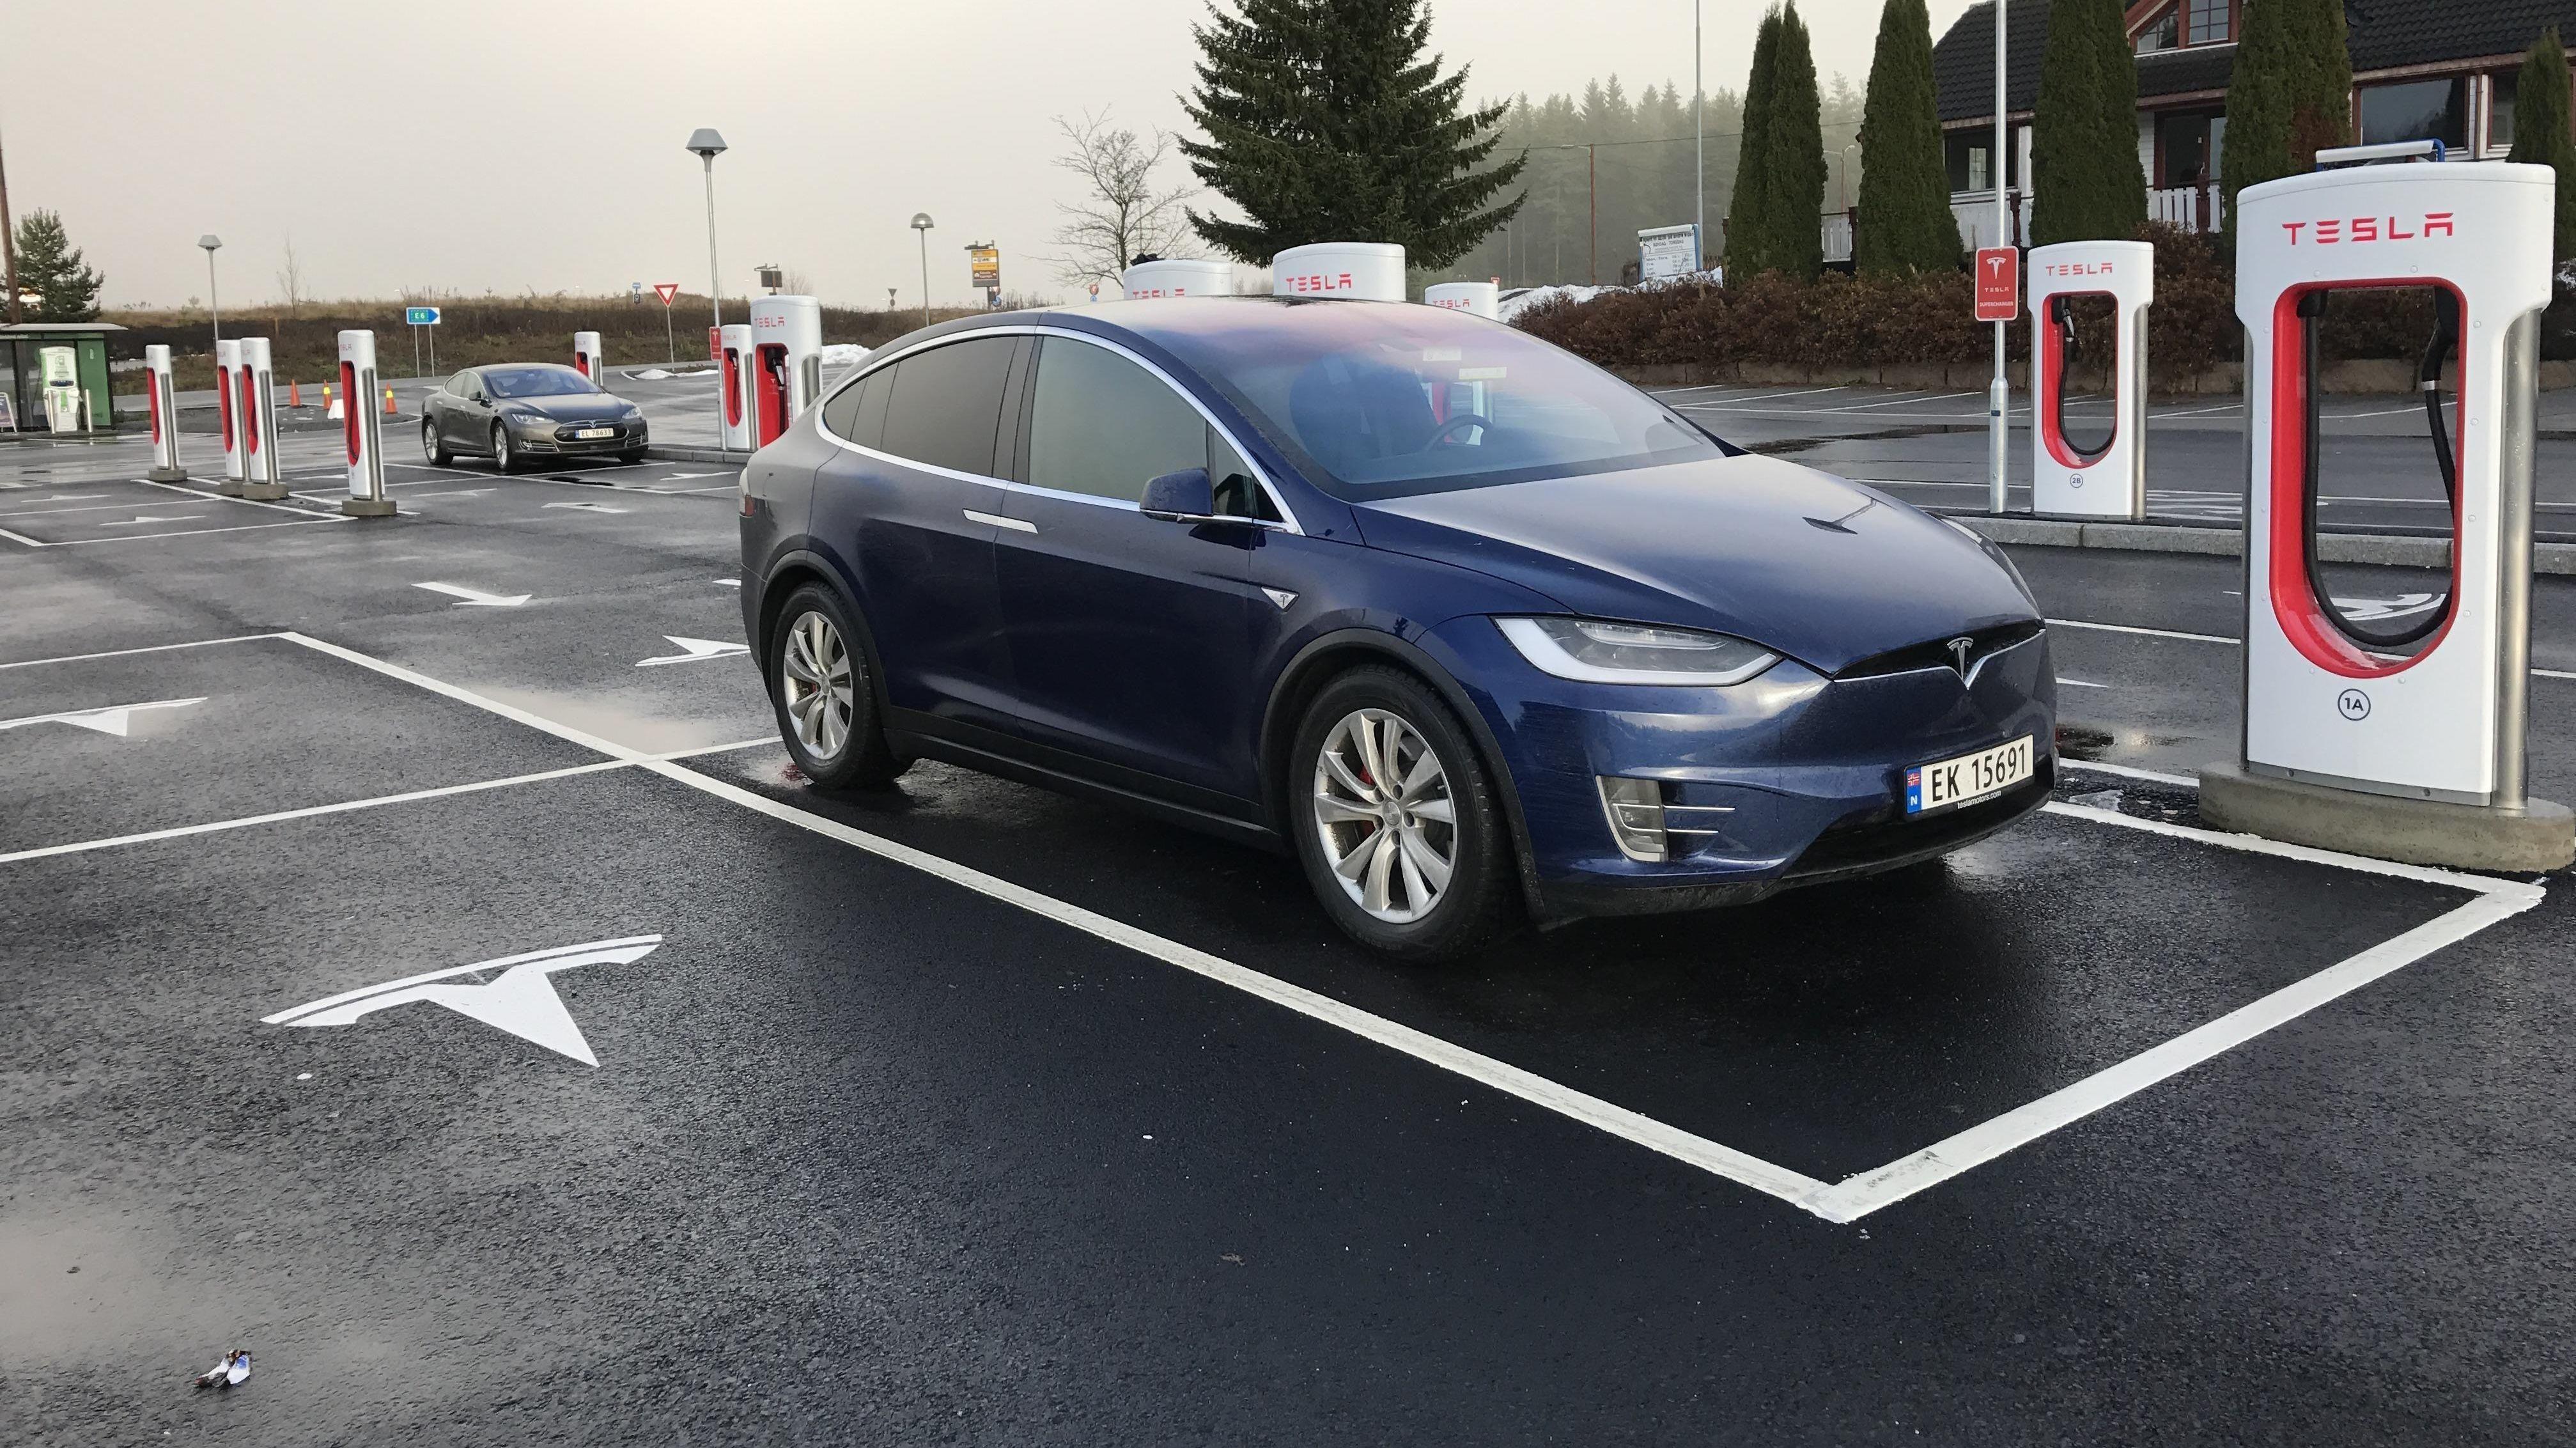 DYR BIL SKAL BLI DYRERE: Tesla Model X er en av de mest kostbare elbilene i Norge, og regnes som en premium-SUV. Likevel behøver ikke kjøperne å betale moms, bompenger eller særlig med veiavgift. Det kan det snart bli slutt på.